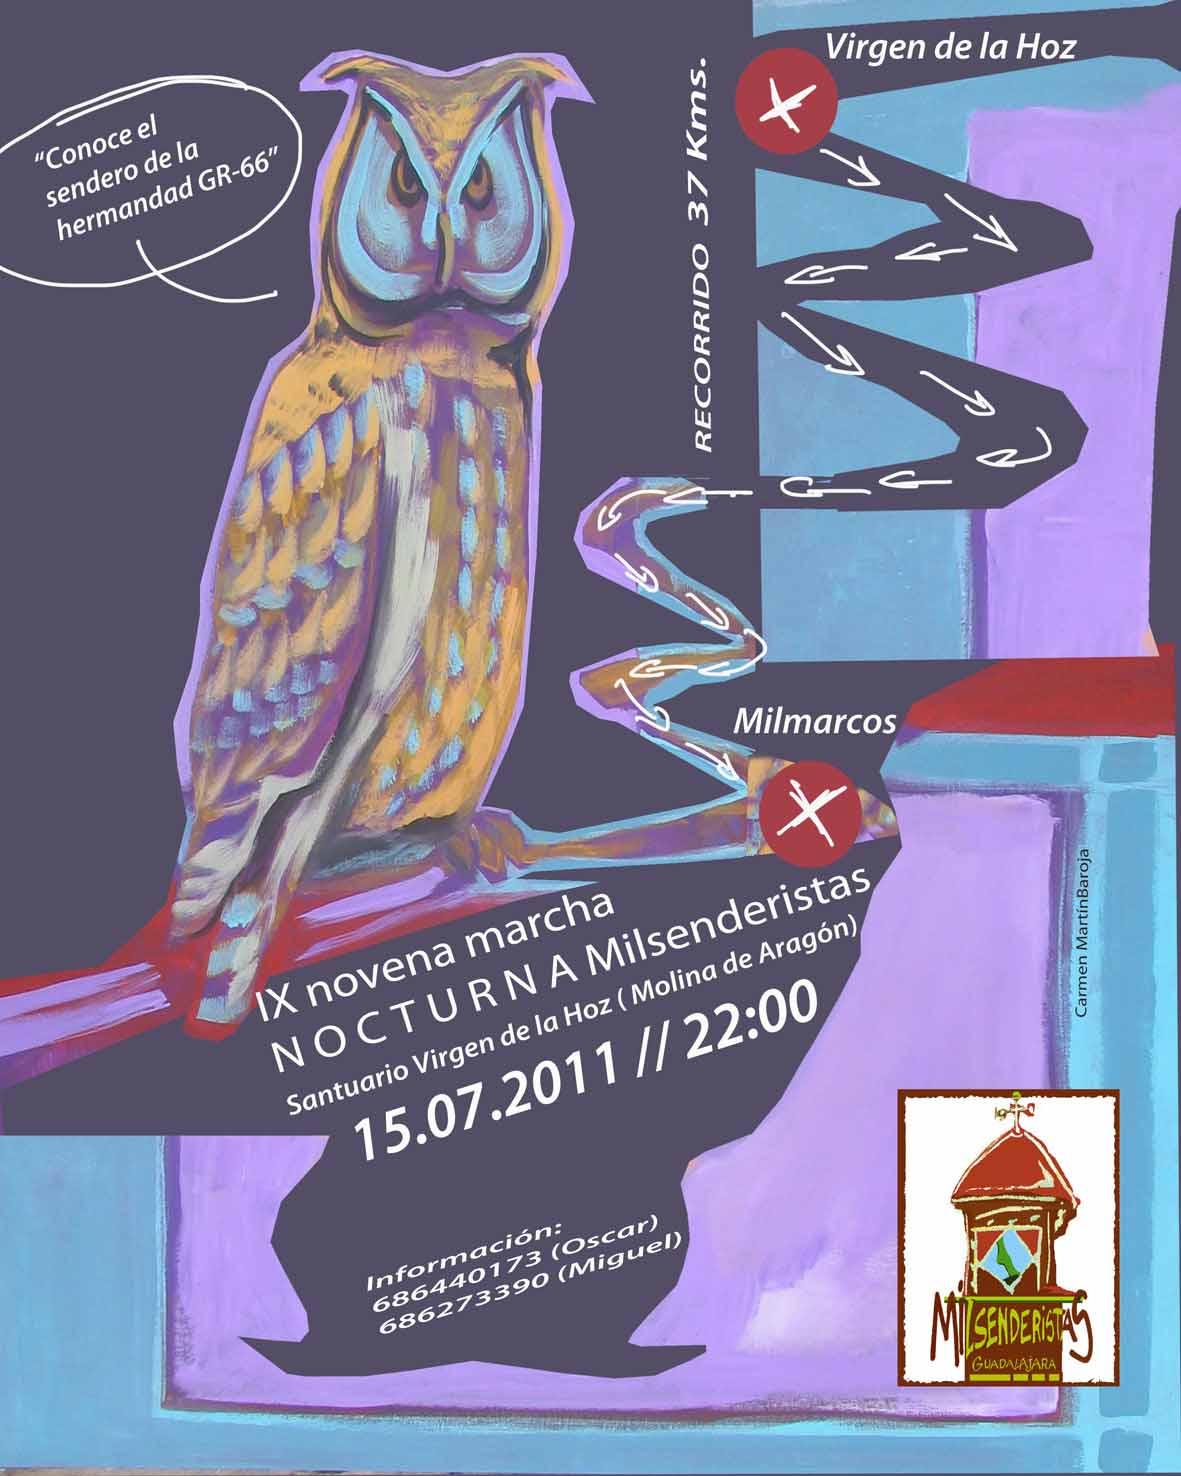 Pincha para ampliar el Cartel de la marcha nocturna de 15/07/2011 que organizan los de Milmarcos